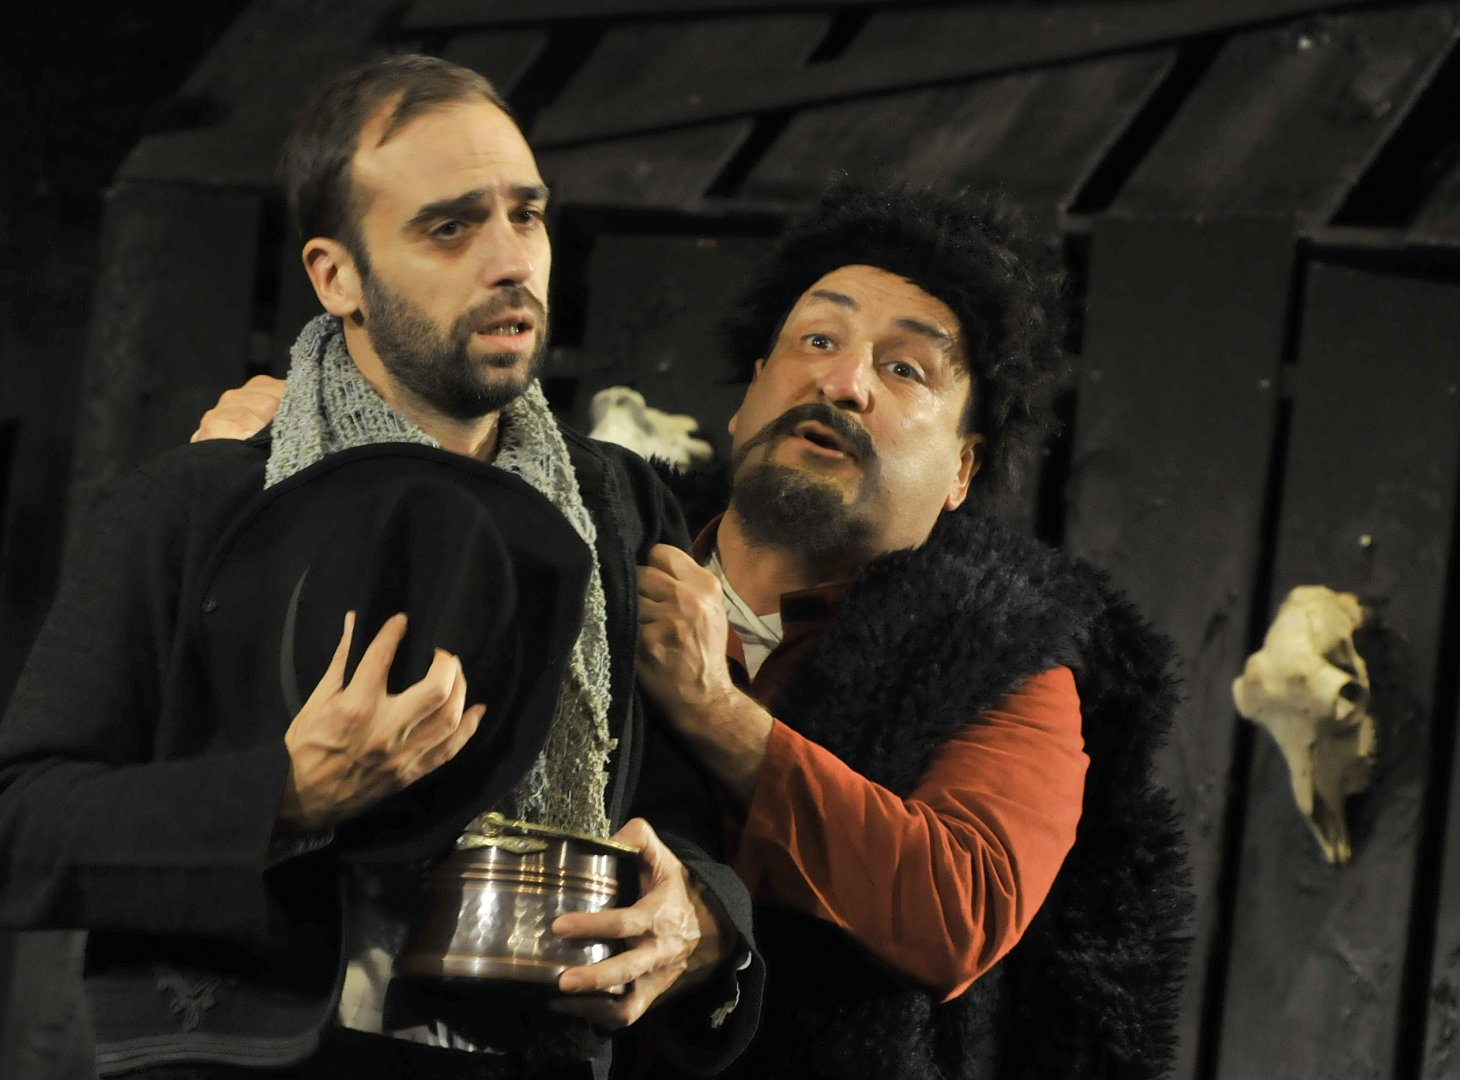 Тончо Токмакчиев (вдясно) отново излиза на бургаска театрална сцена. Снимки Тодор Ставрев